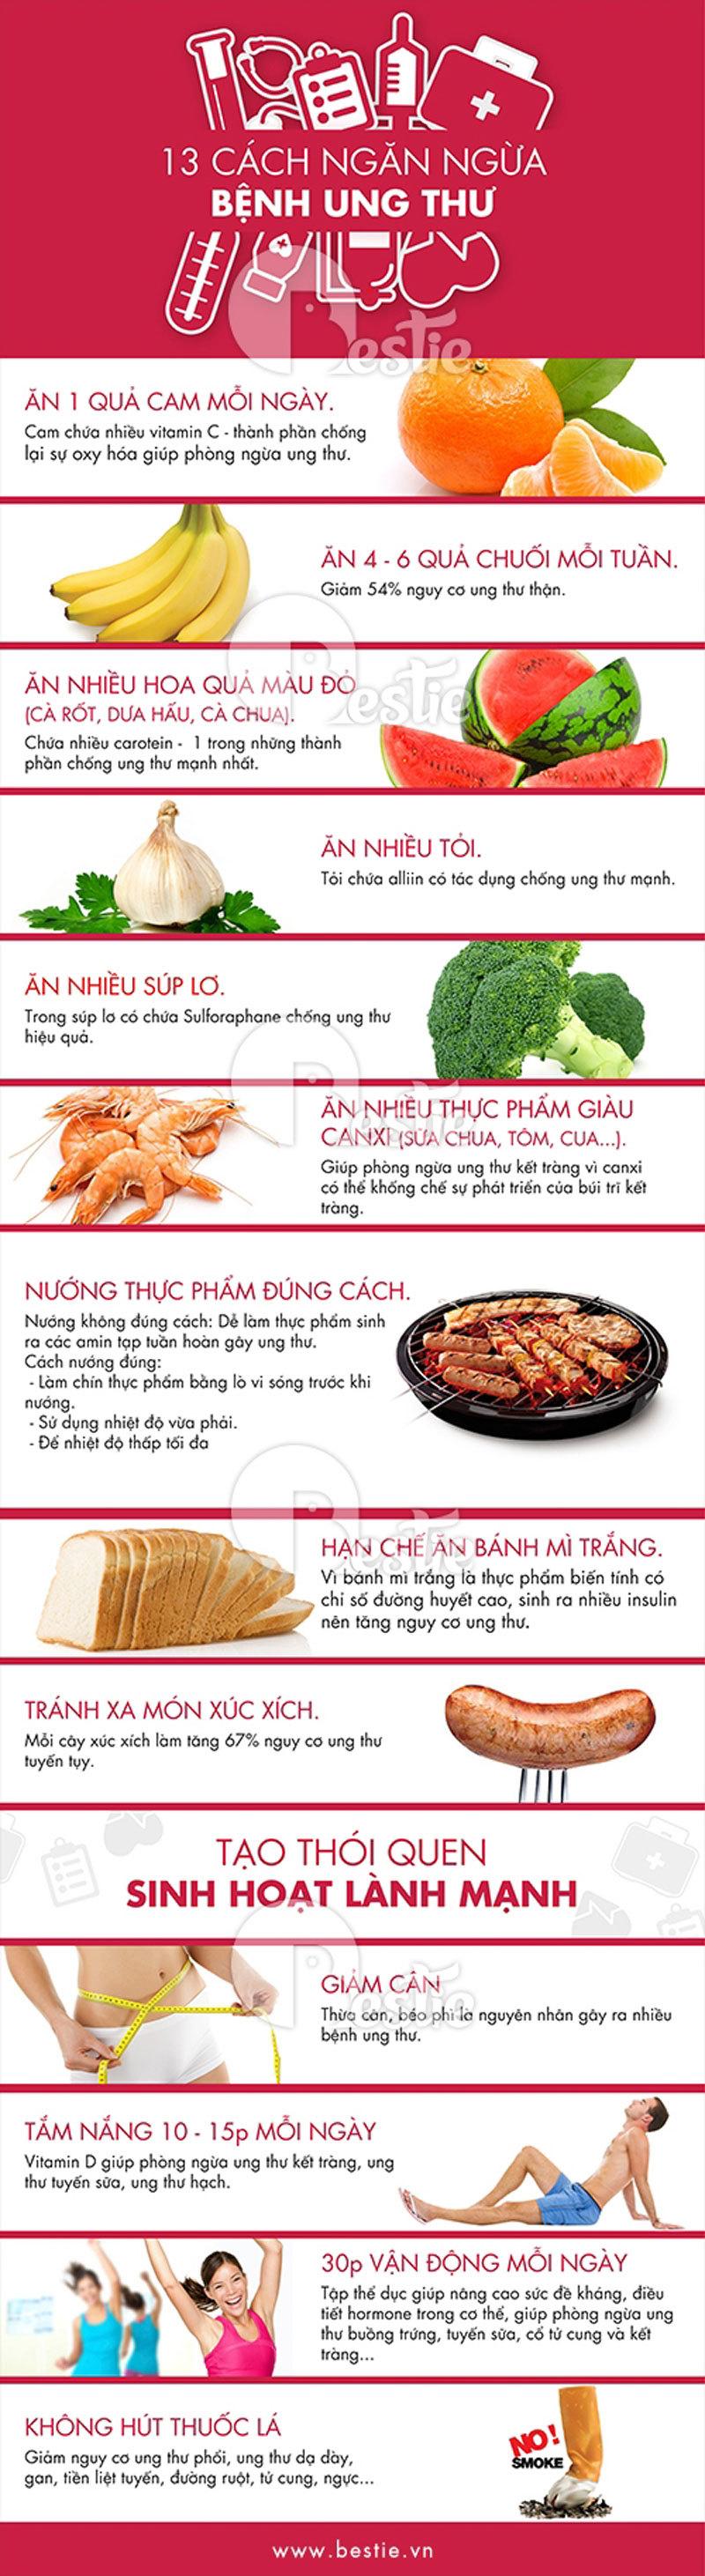 ung thư, phòng chống ung thư, quy tắc ăn uống